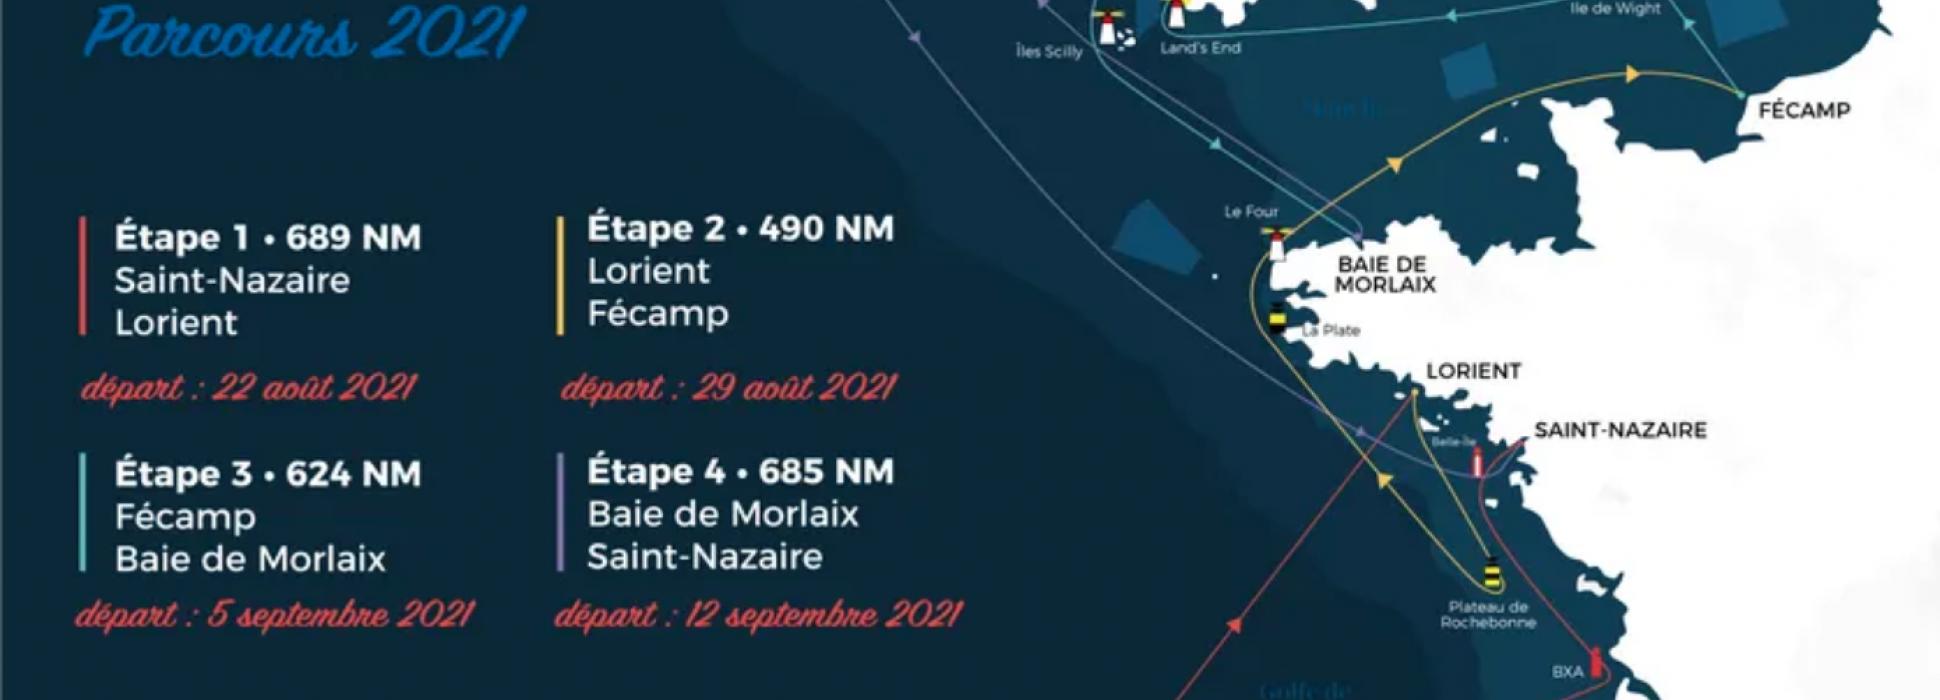 La 52ème édition de la Solitaire du Figaro commence et finit à Saint-Nazaire